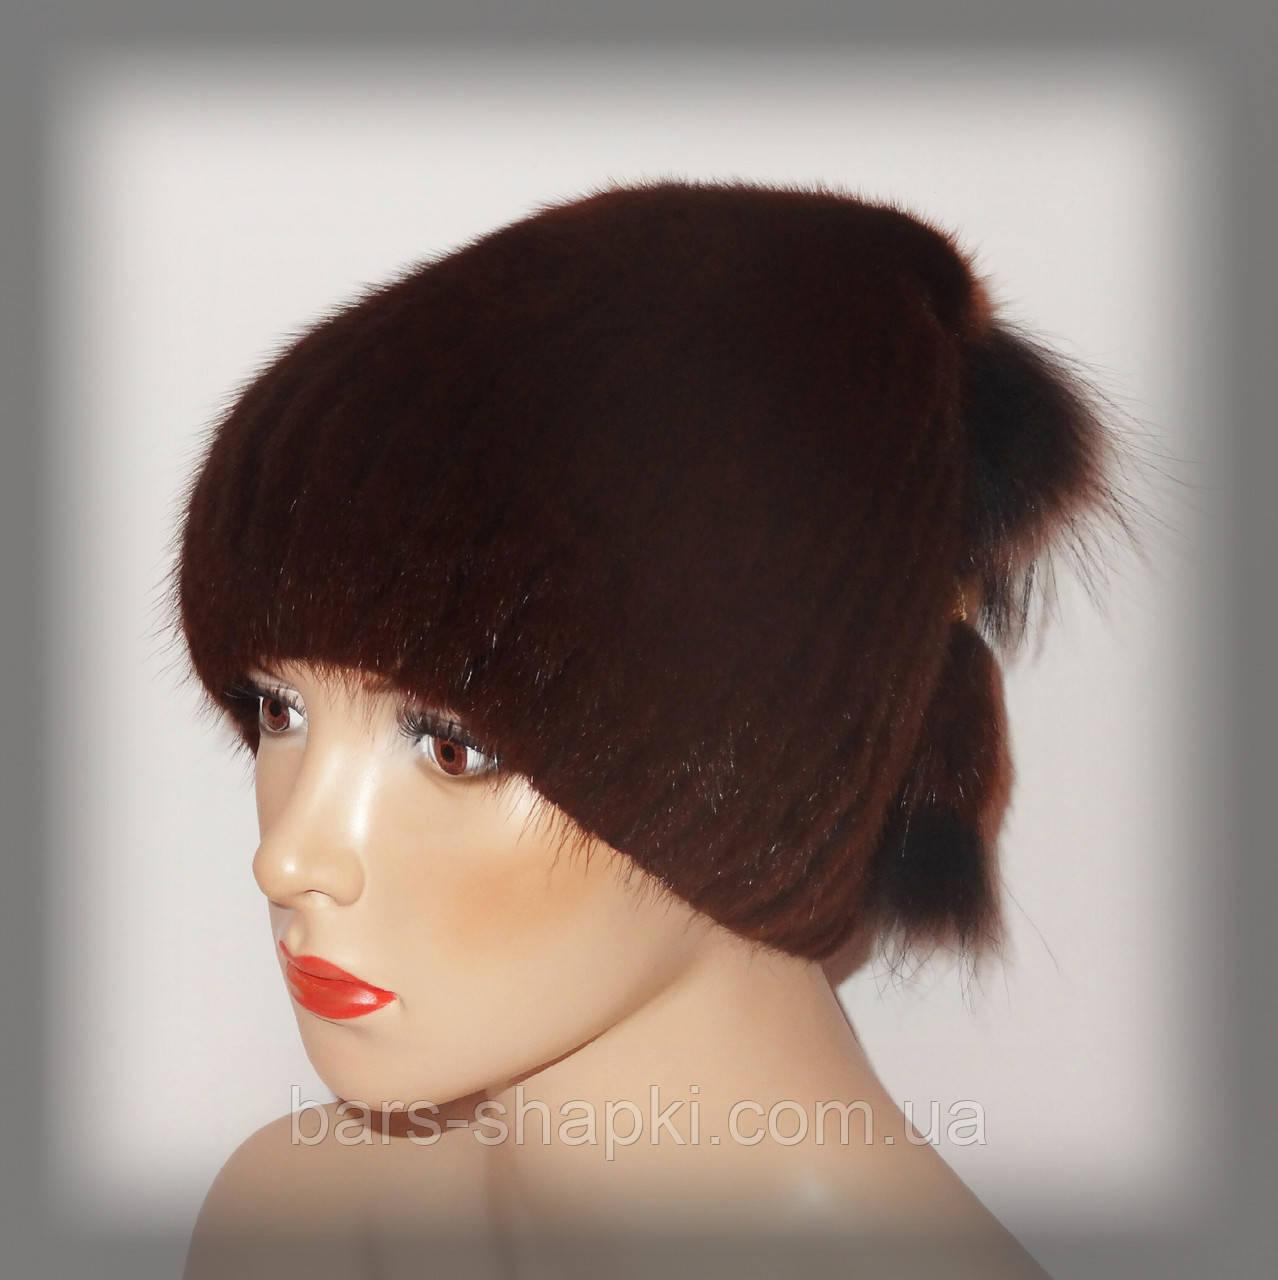 Меховая шапка из ондатры женская (рыжая)